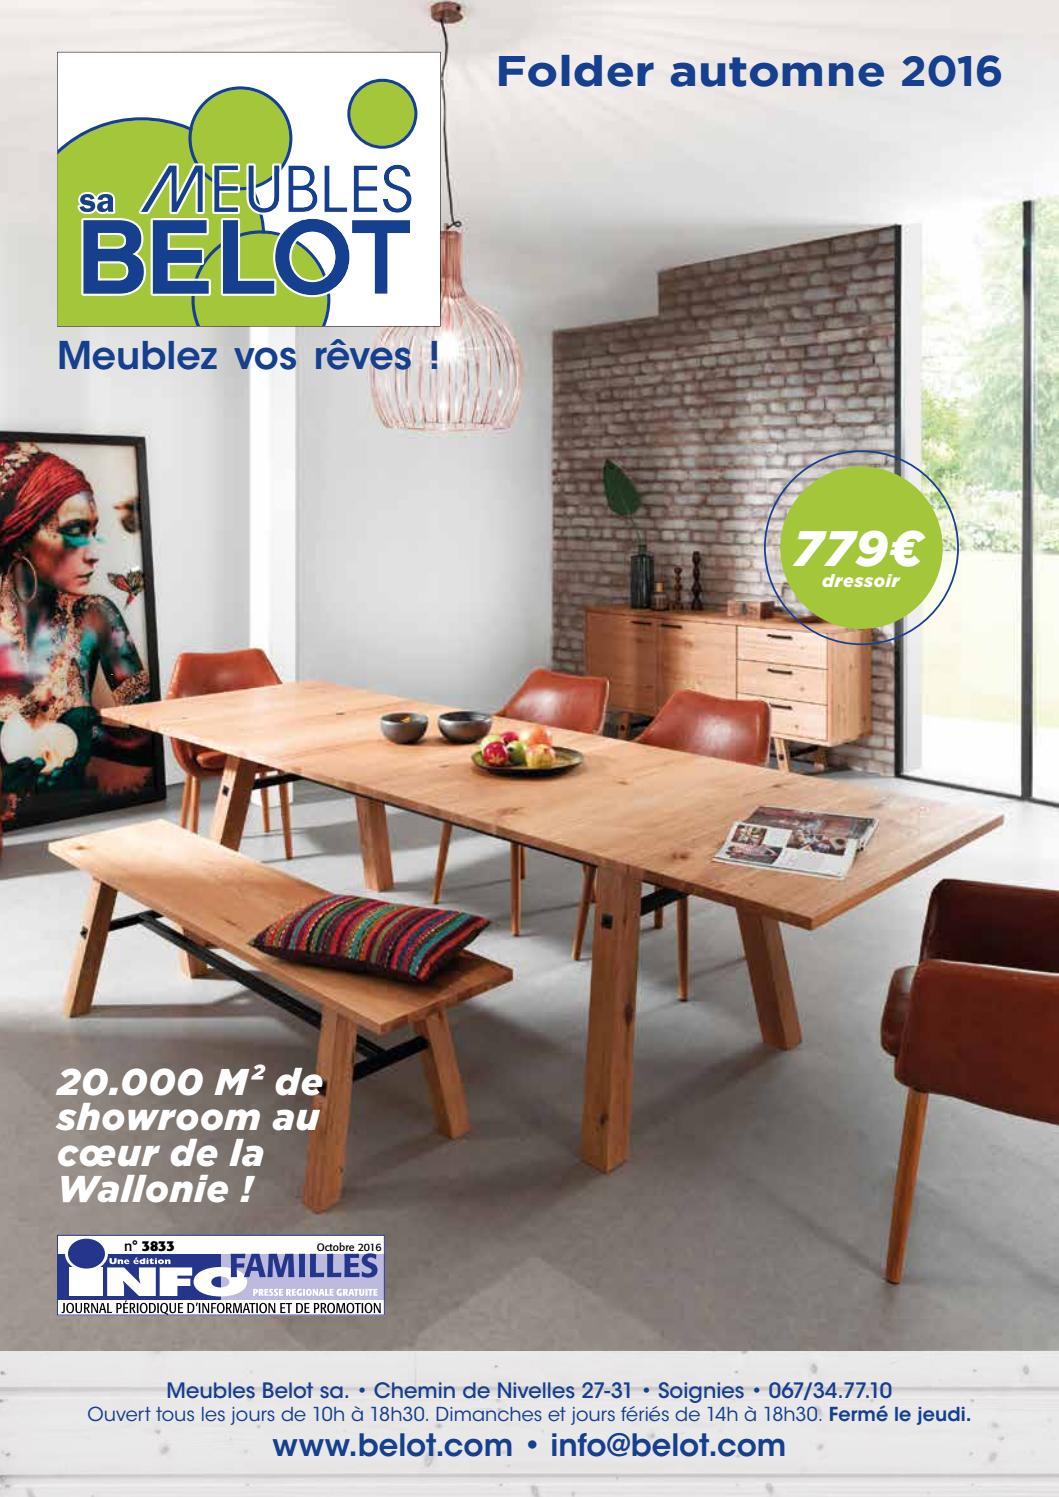 Meubles belot folder automne 2016 by meubles belot sa for Meuble belot soignies